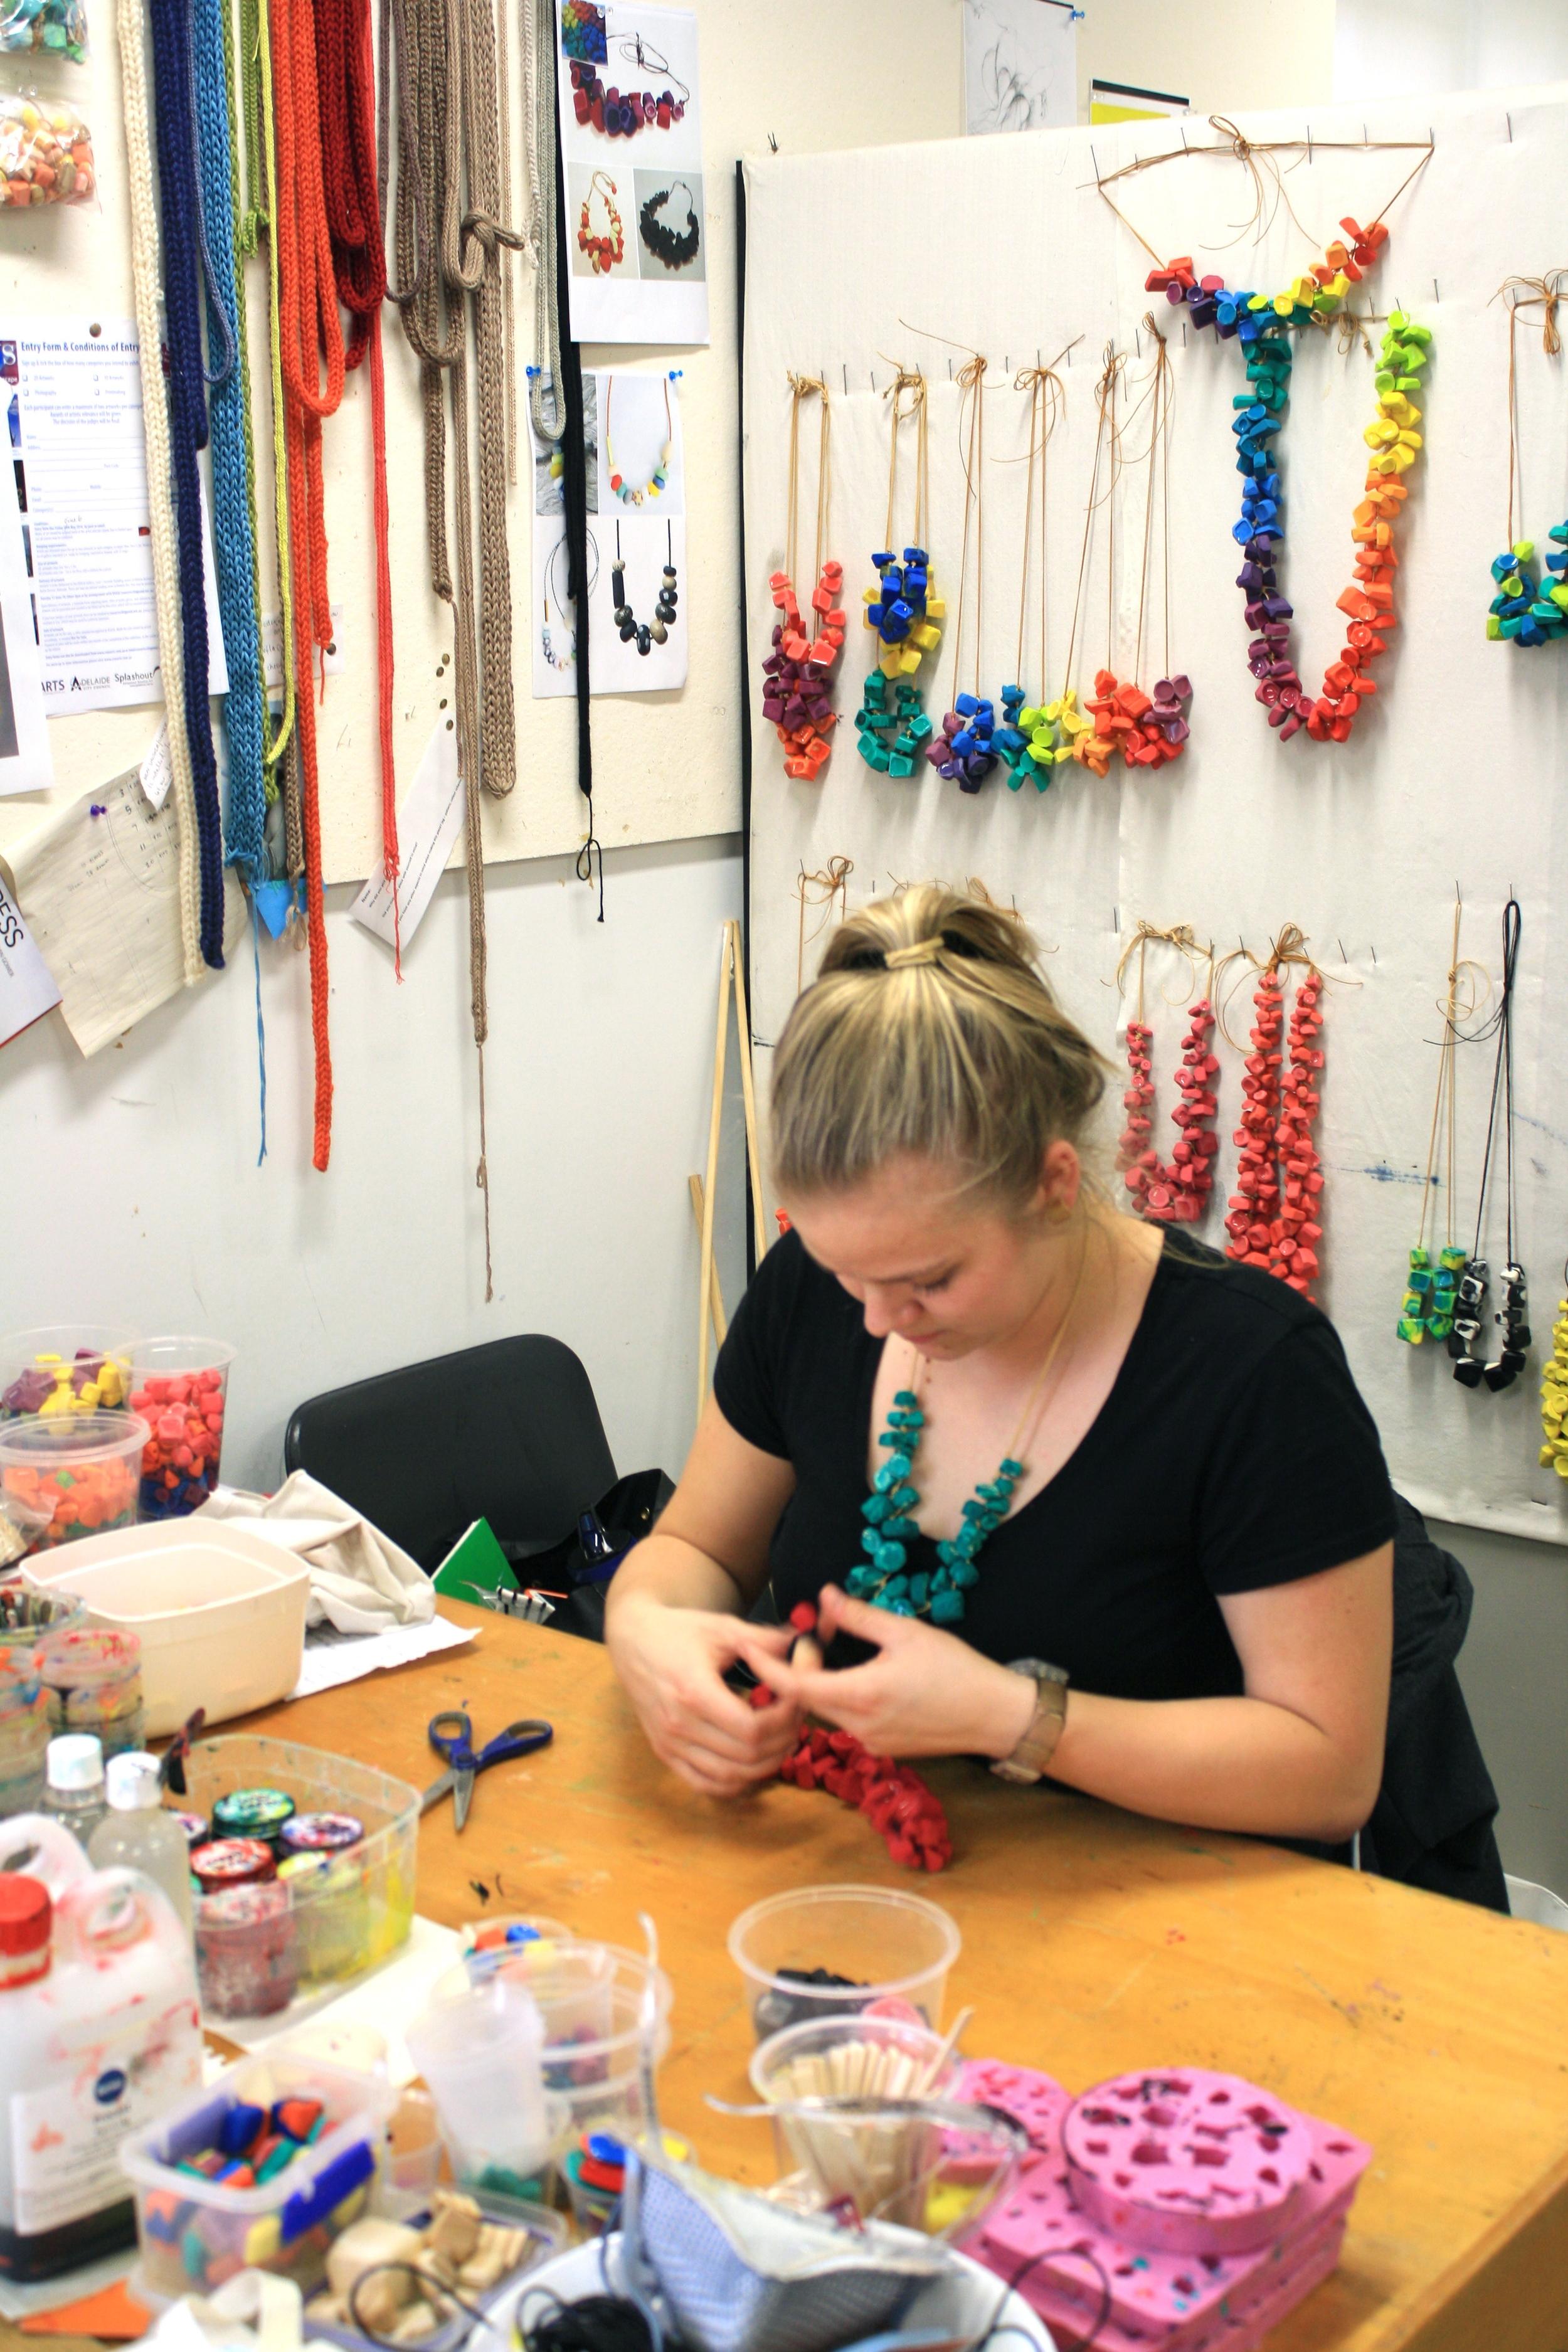 Erica working in her studio.